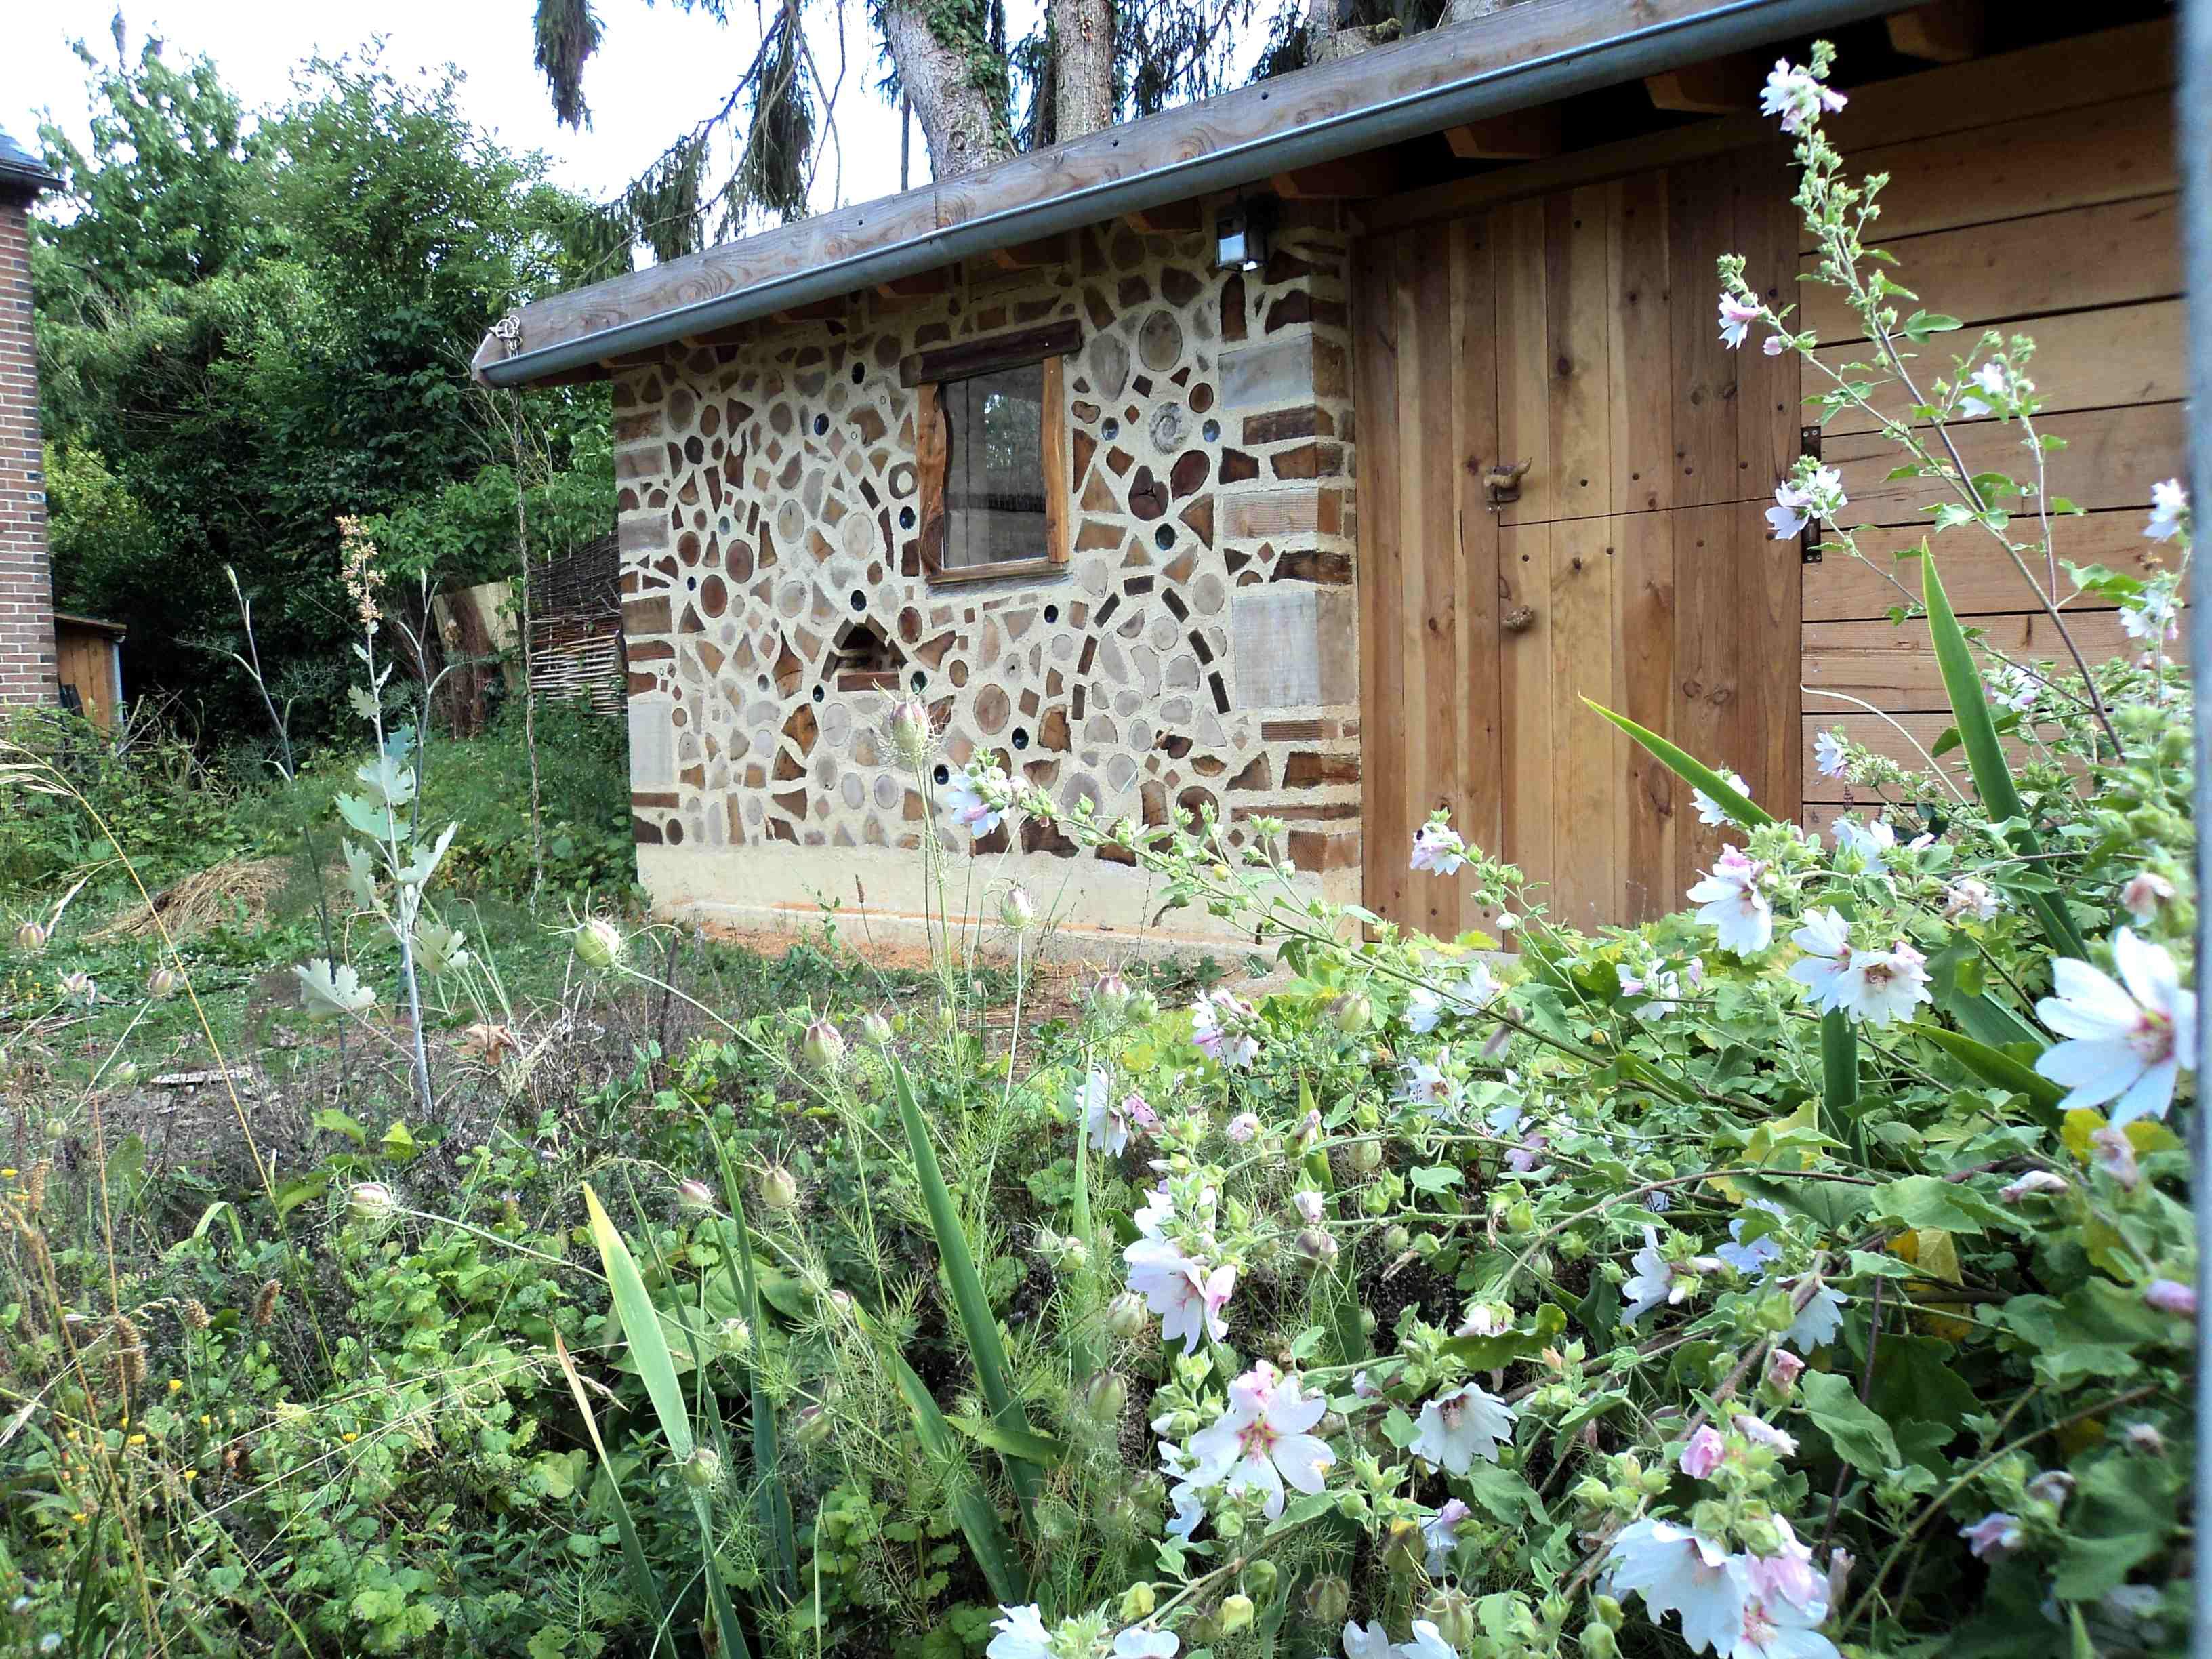 Miellerie en bois cordé et lavatère